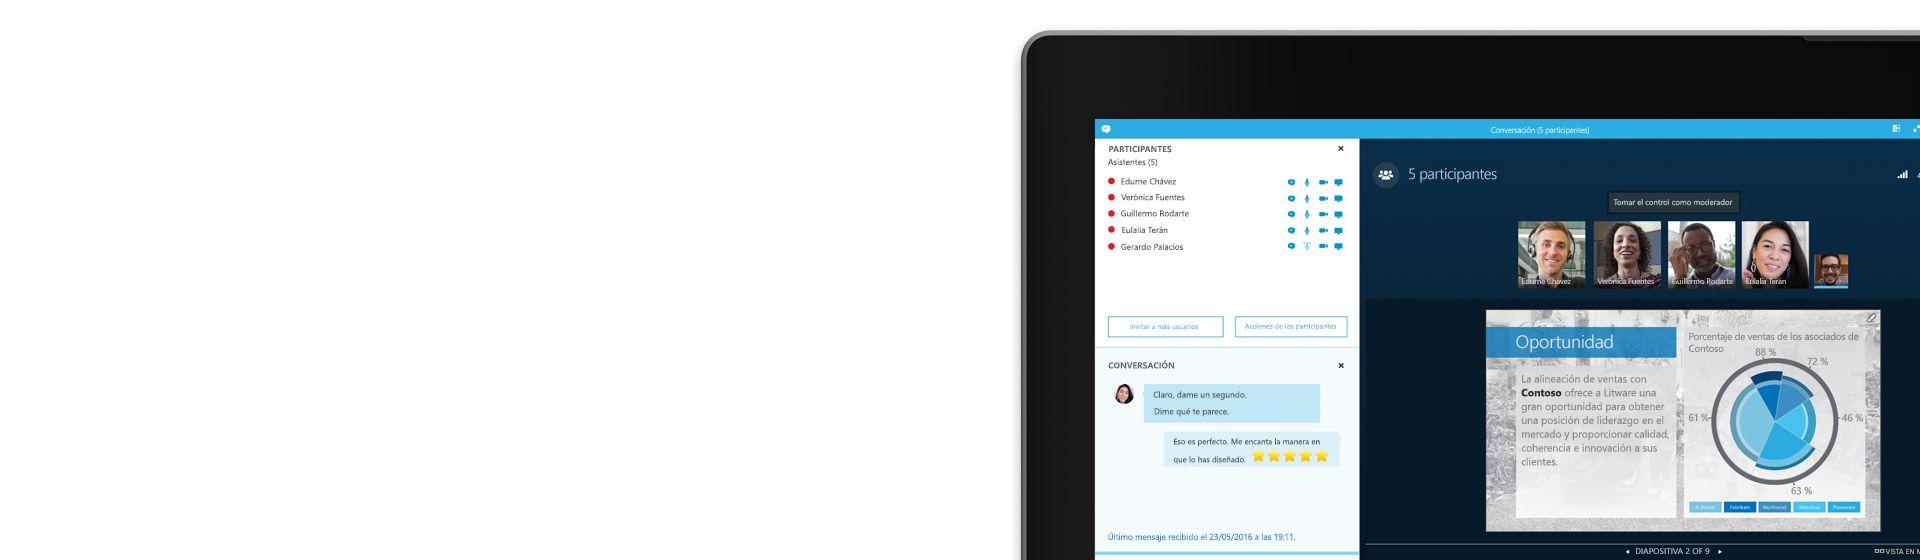 Esquina de la pantalla de un equipo donde se muestra una reunión de Internet y una lista de participantes en Skype Empresarial